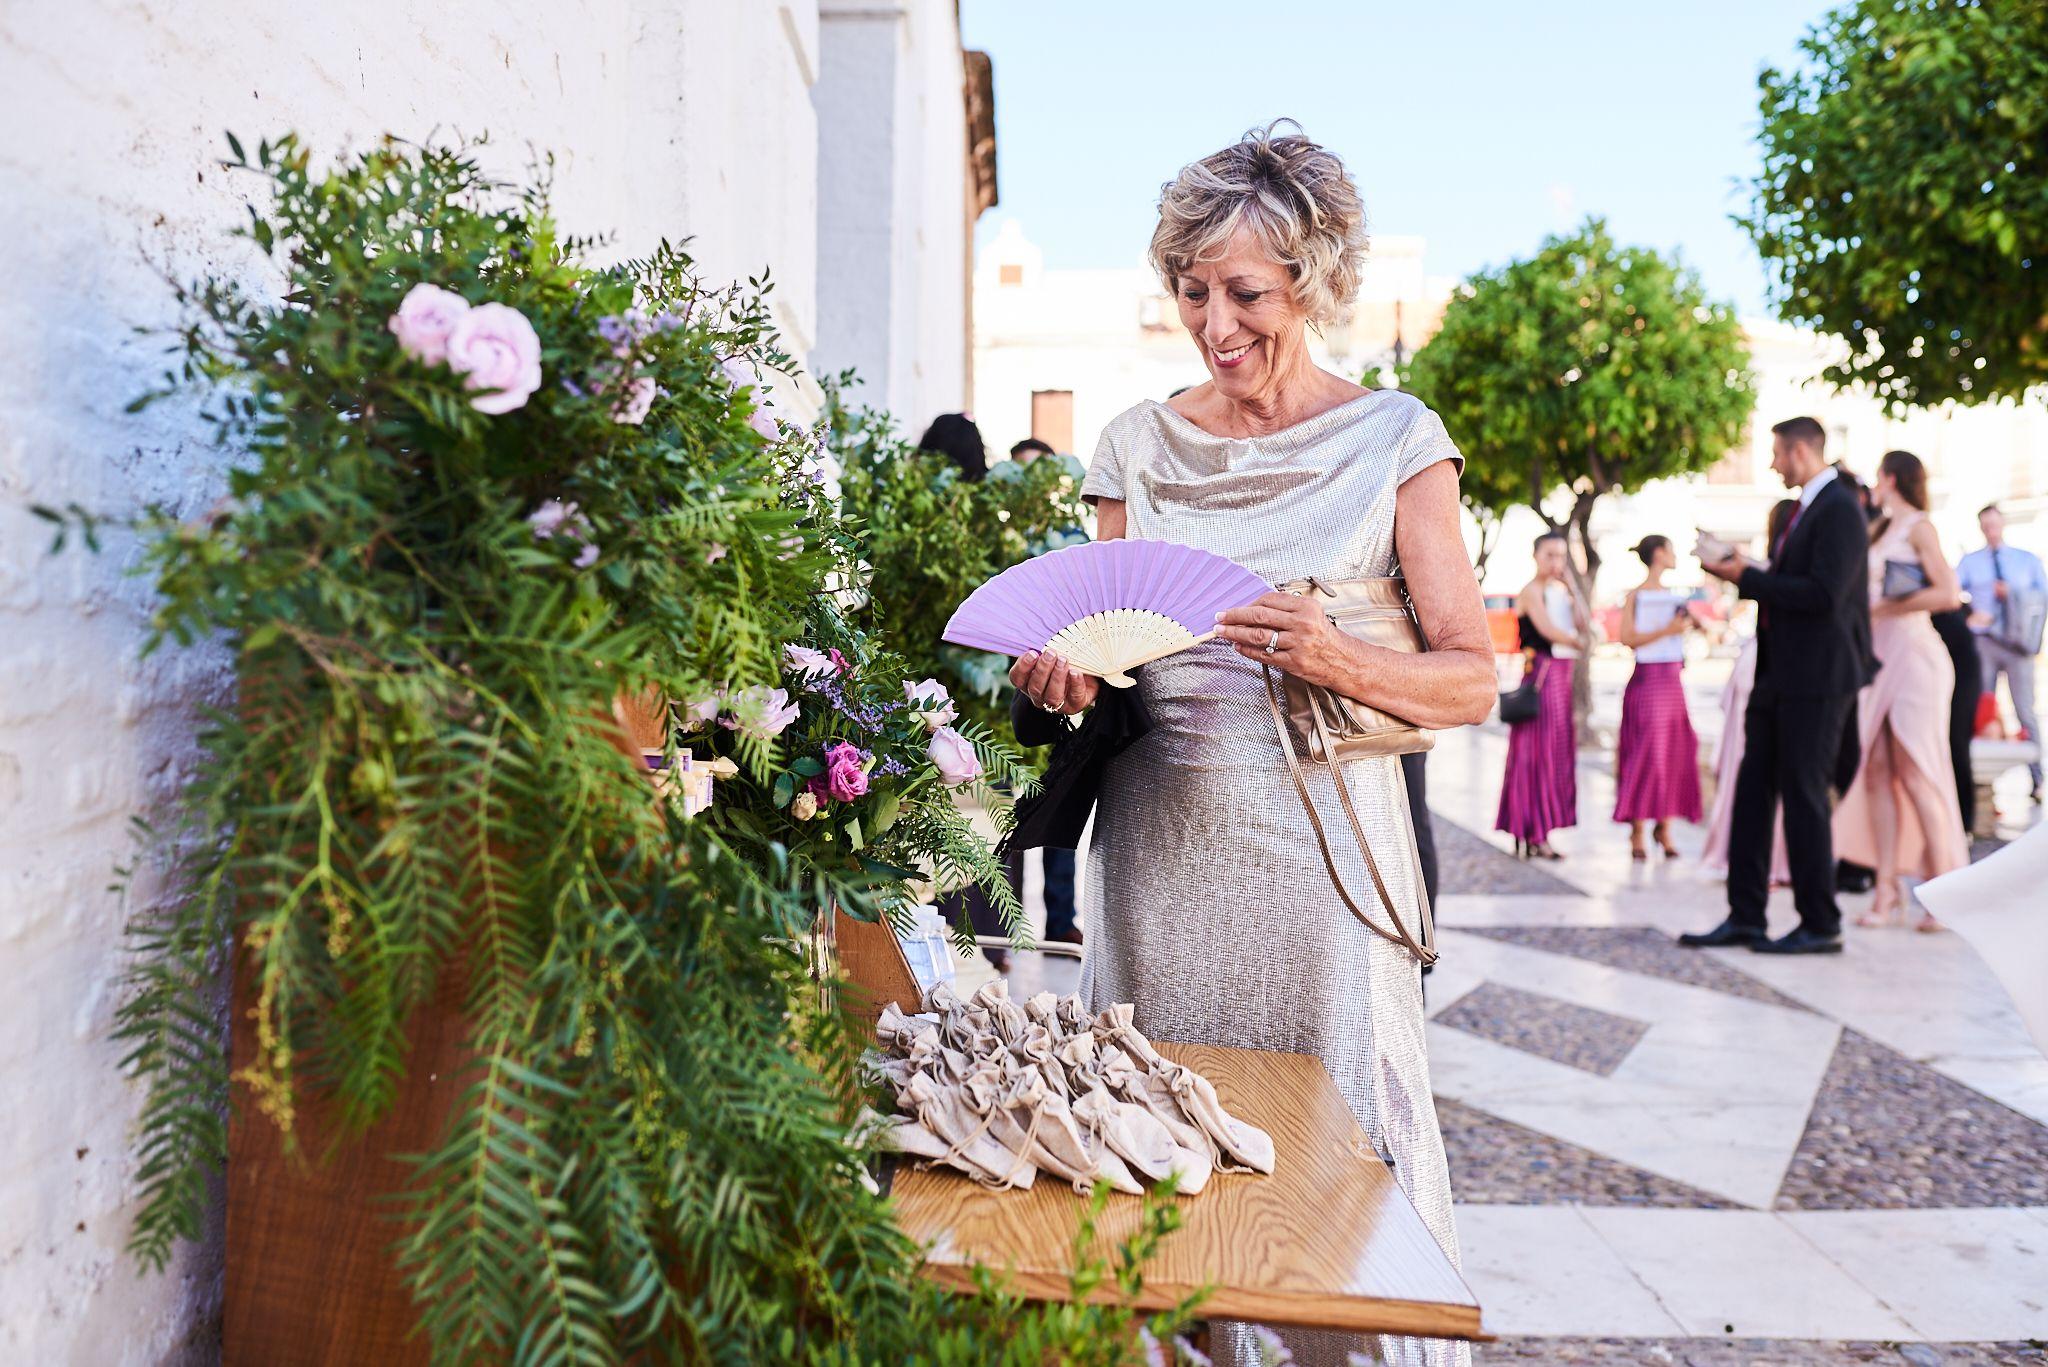 La-22Destination-Wedding22-en-Moguer-de-Lauren-y-JosC3A9-Antonio-JoseAntonio-alejandromarmol0849.jpg